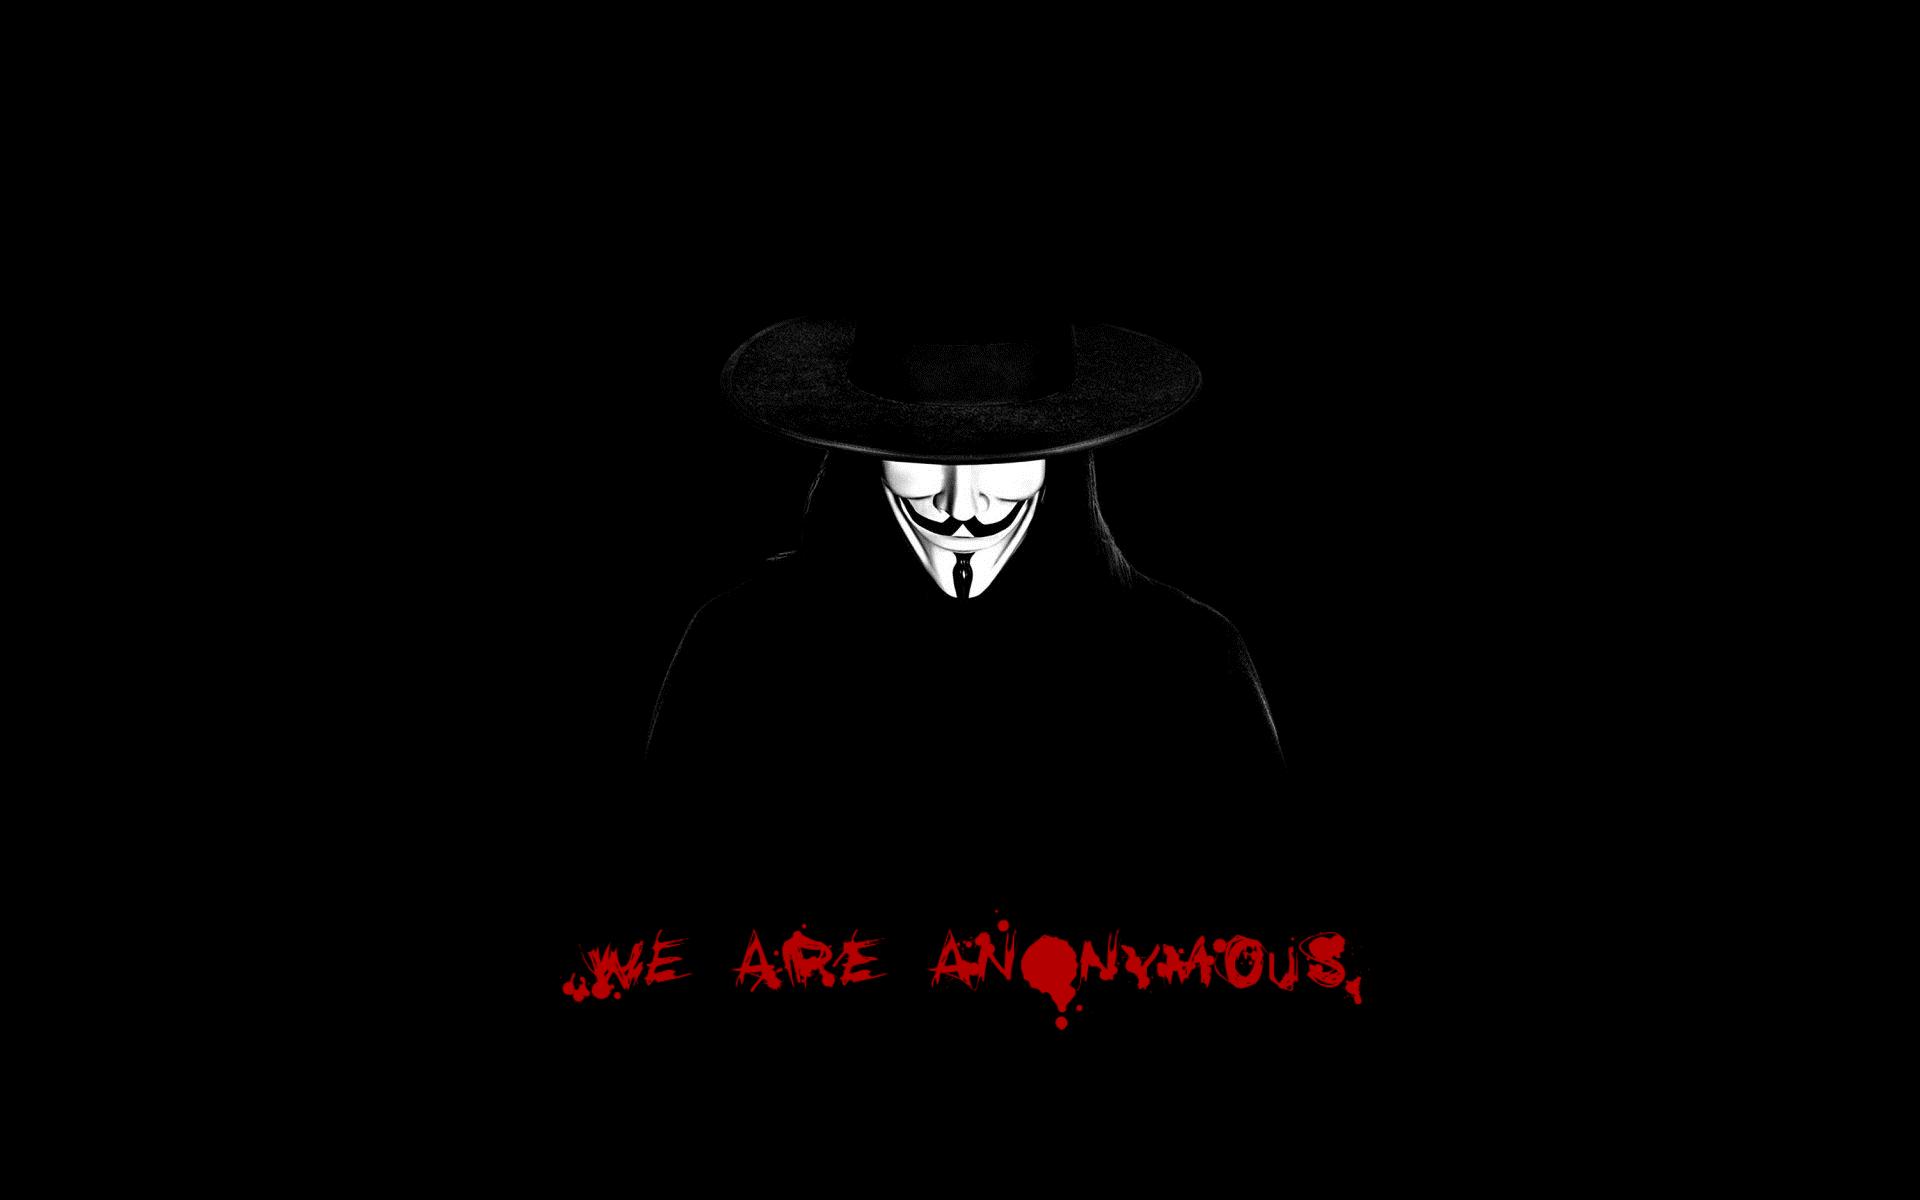 V For Vendetta Desktop Wallpapers Top Free V For Vendetta